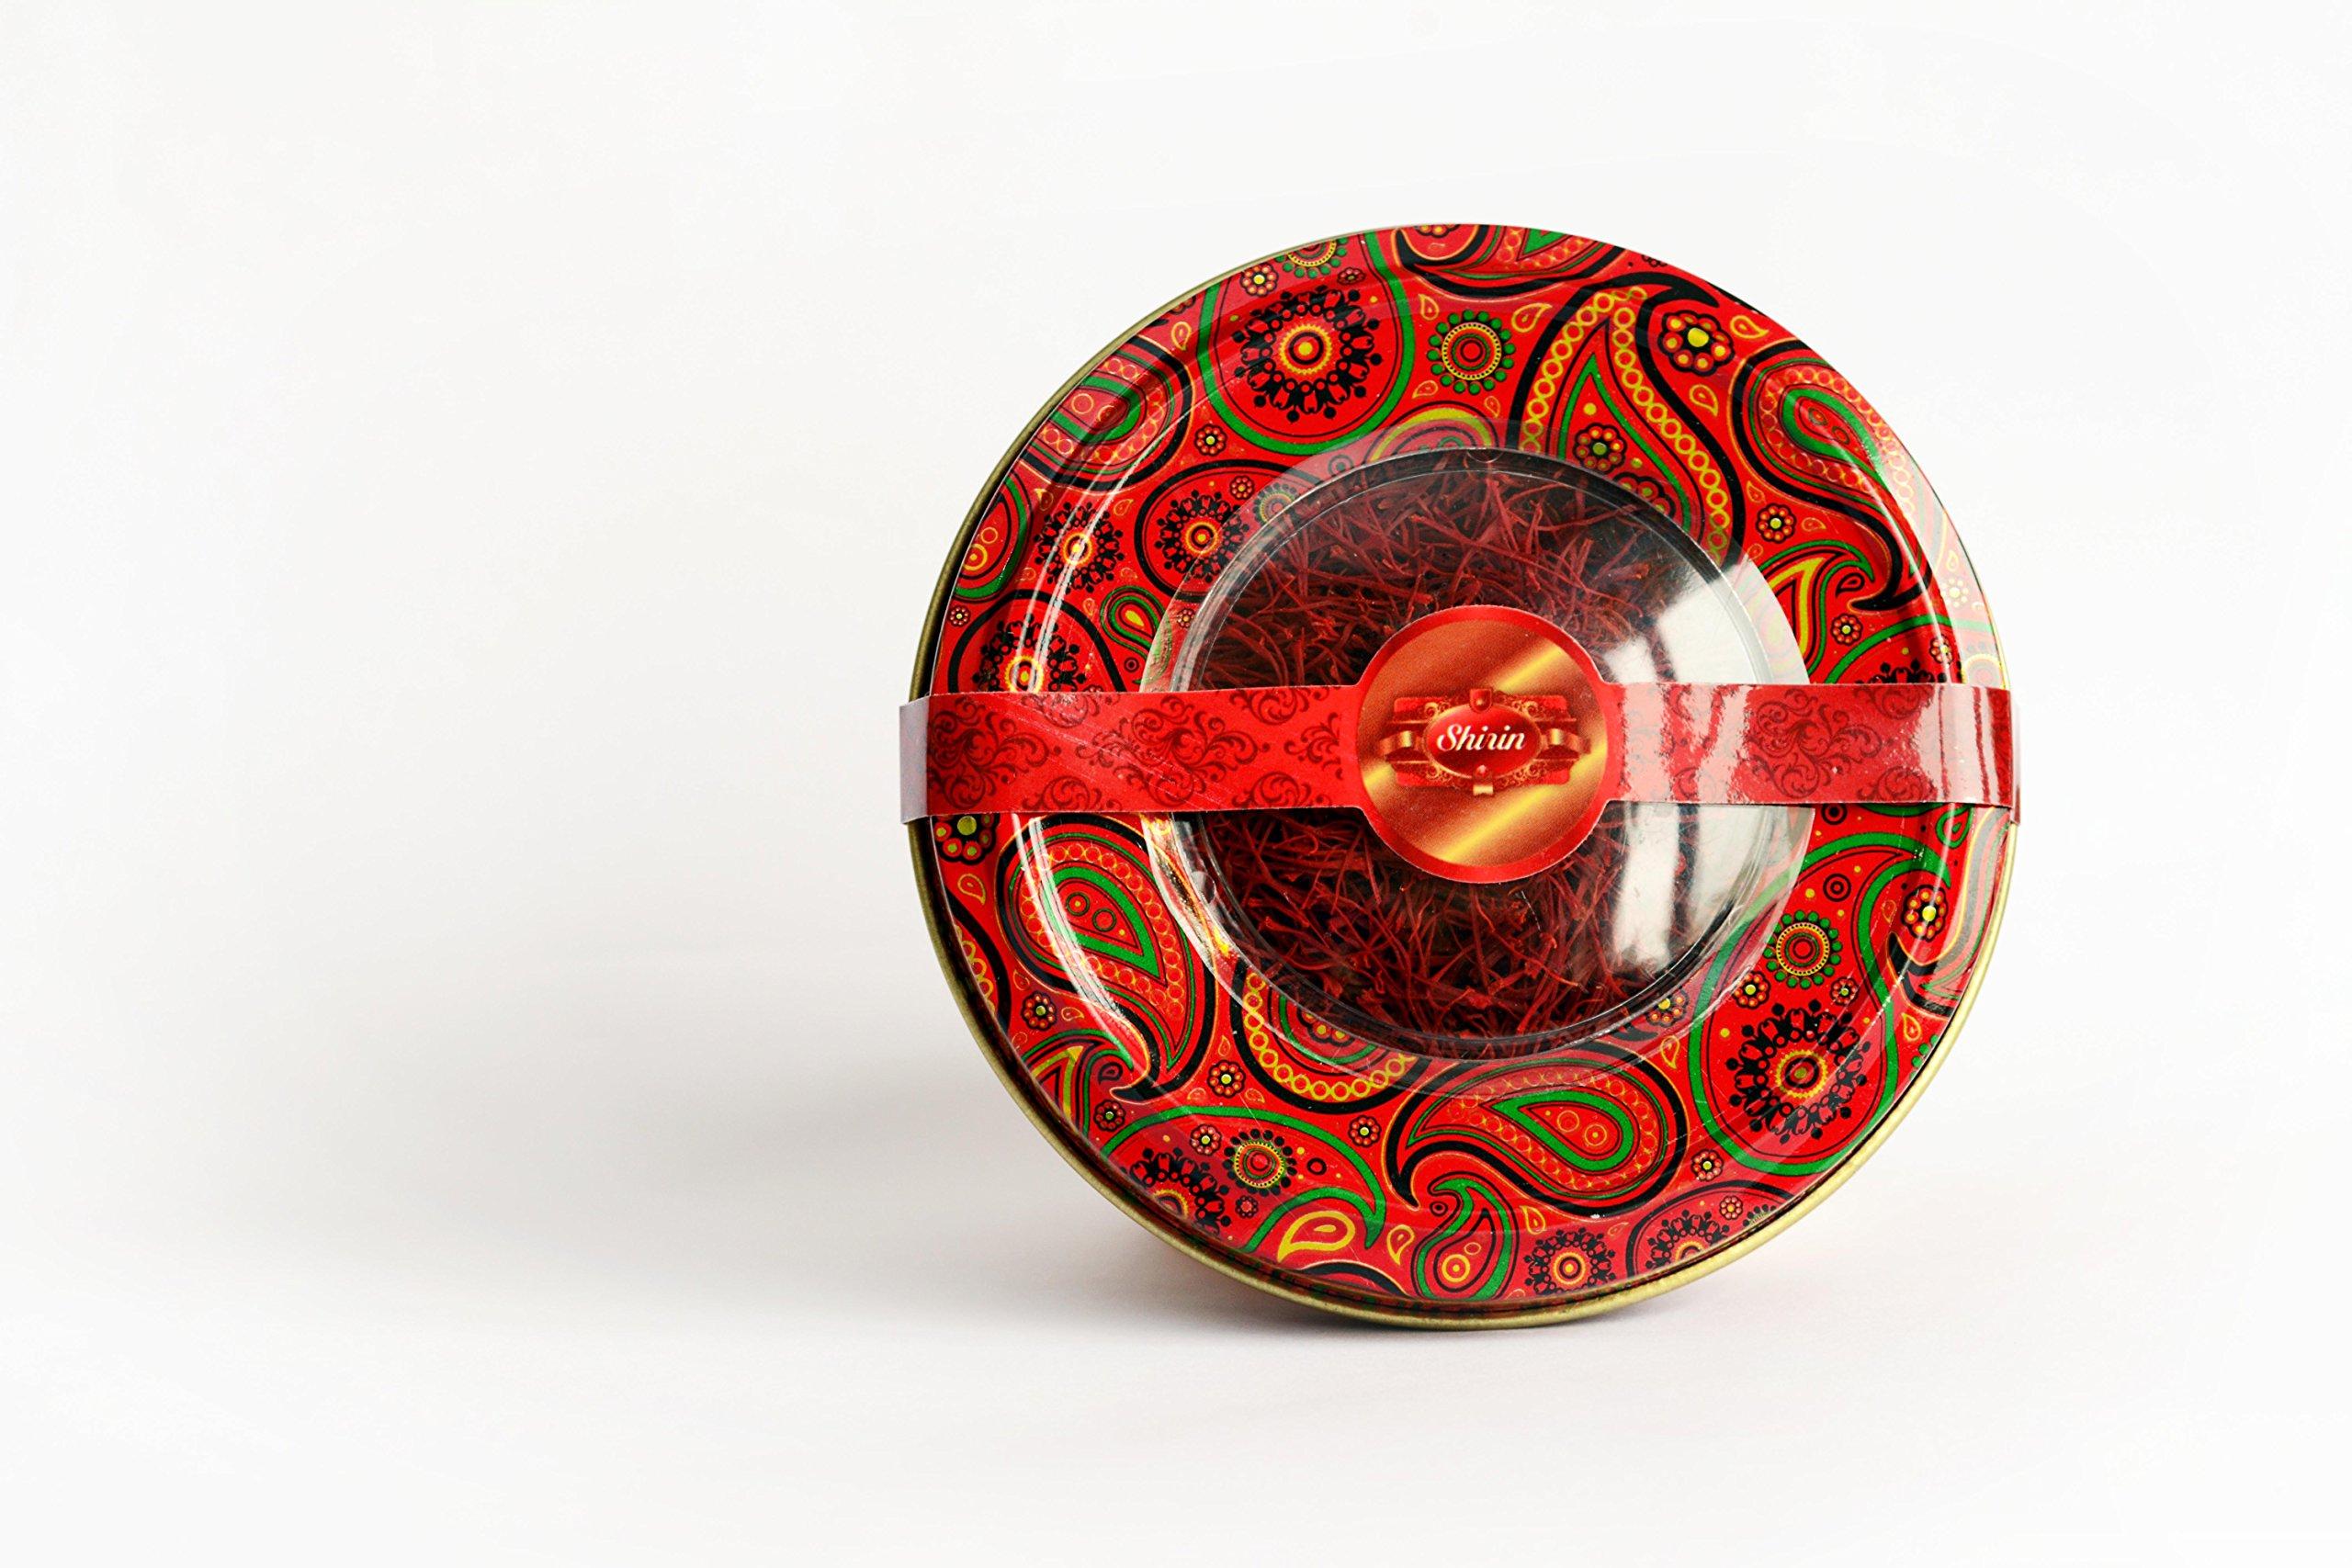 SHIRIN Saffron,Persian Pure & Natural,Premium Quality, Grade 1, All Red,4 Grams(0.141 OZ)